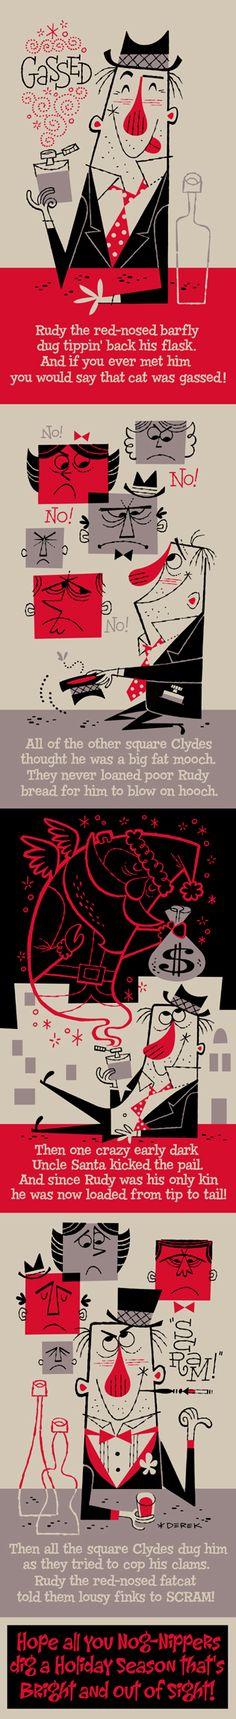 Derek Yaniger, 'Rudy the Red-Nosed Barfly!'  #art #illustration #DerekYaniger